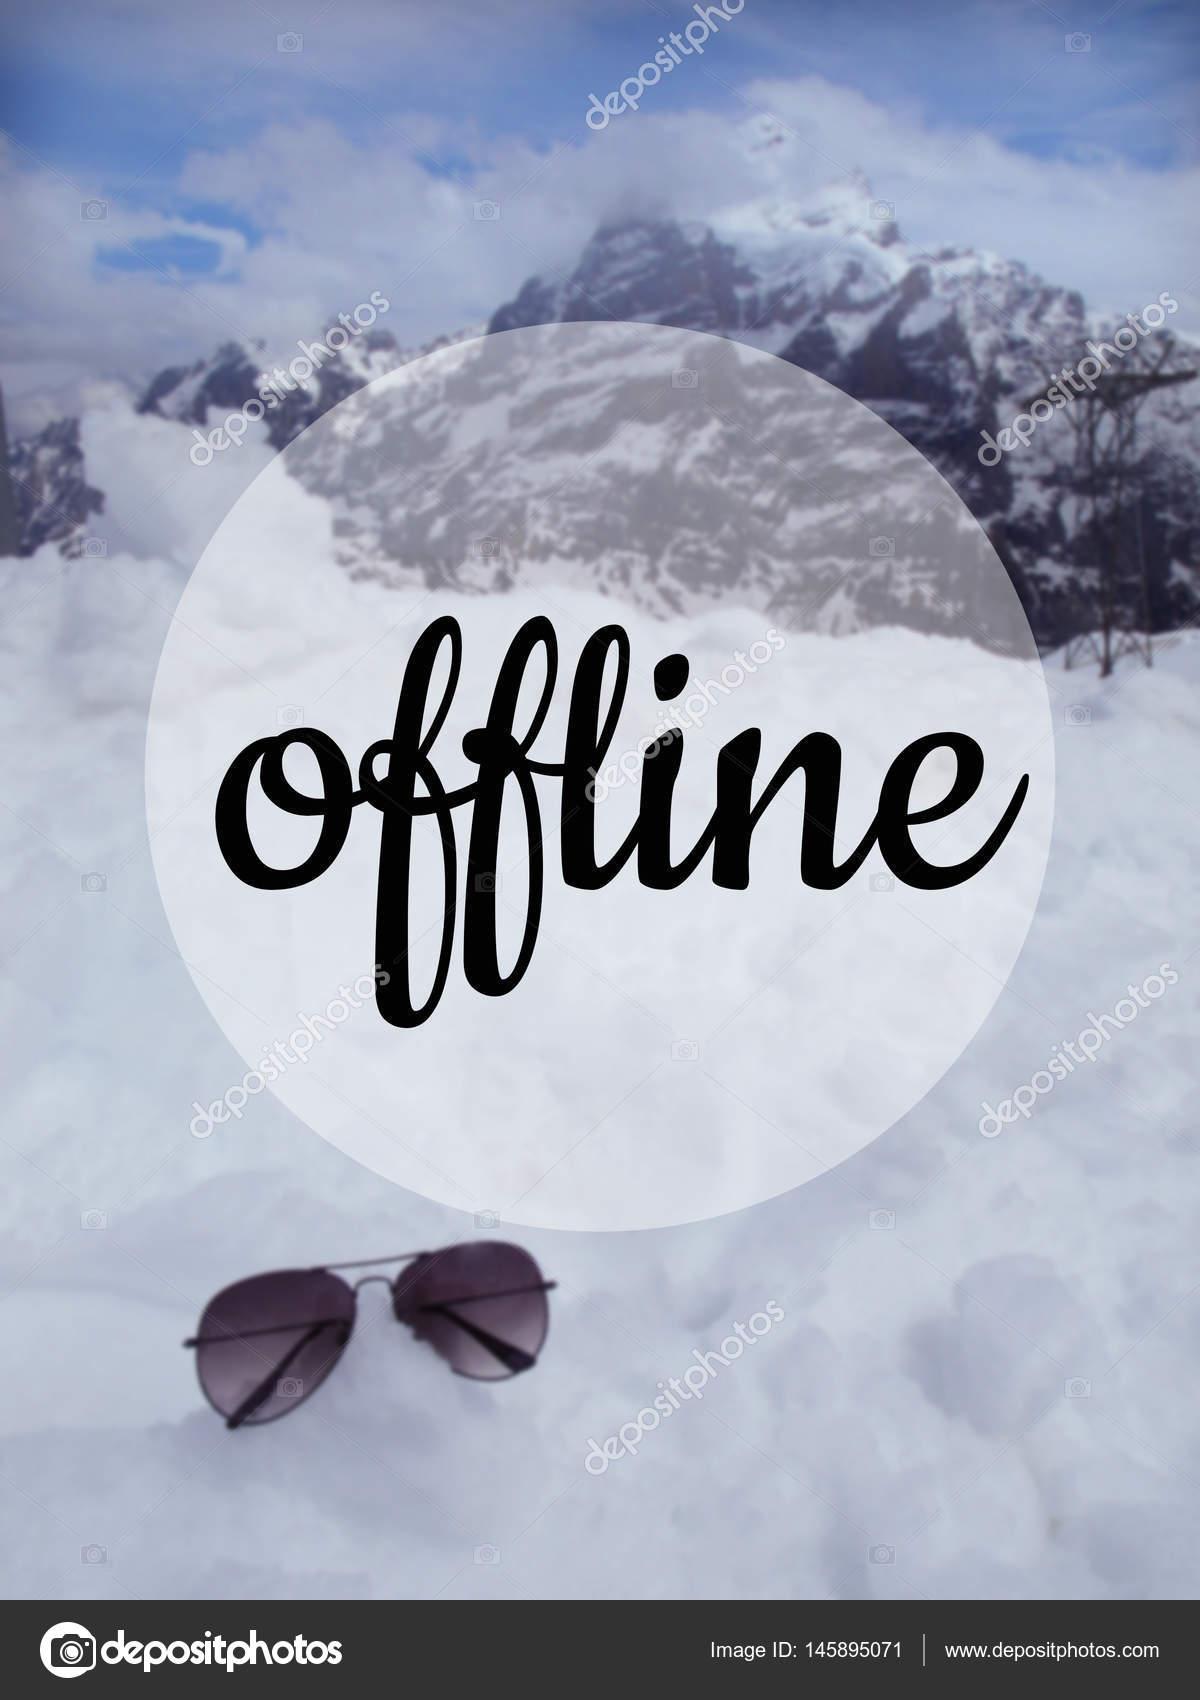 Zitat berge choice image die besten zitate ideen for Schnee zitate